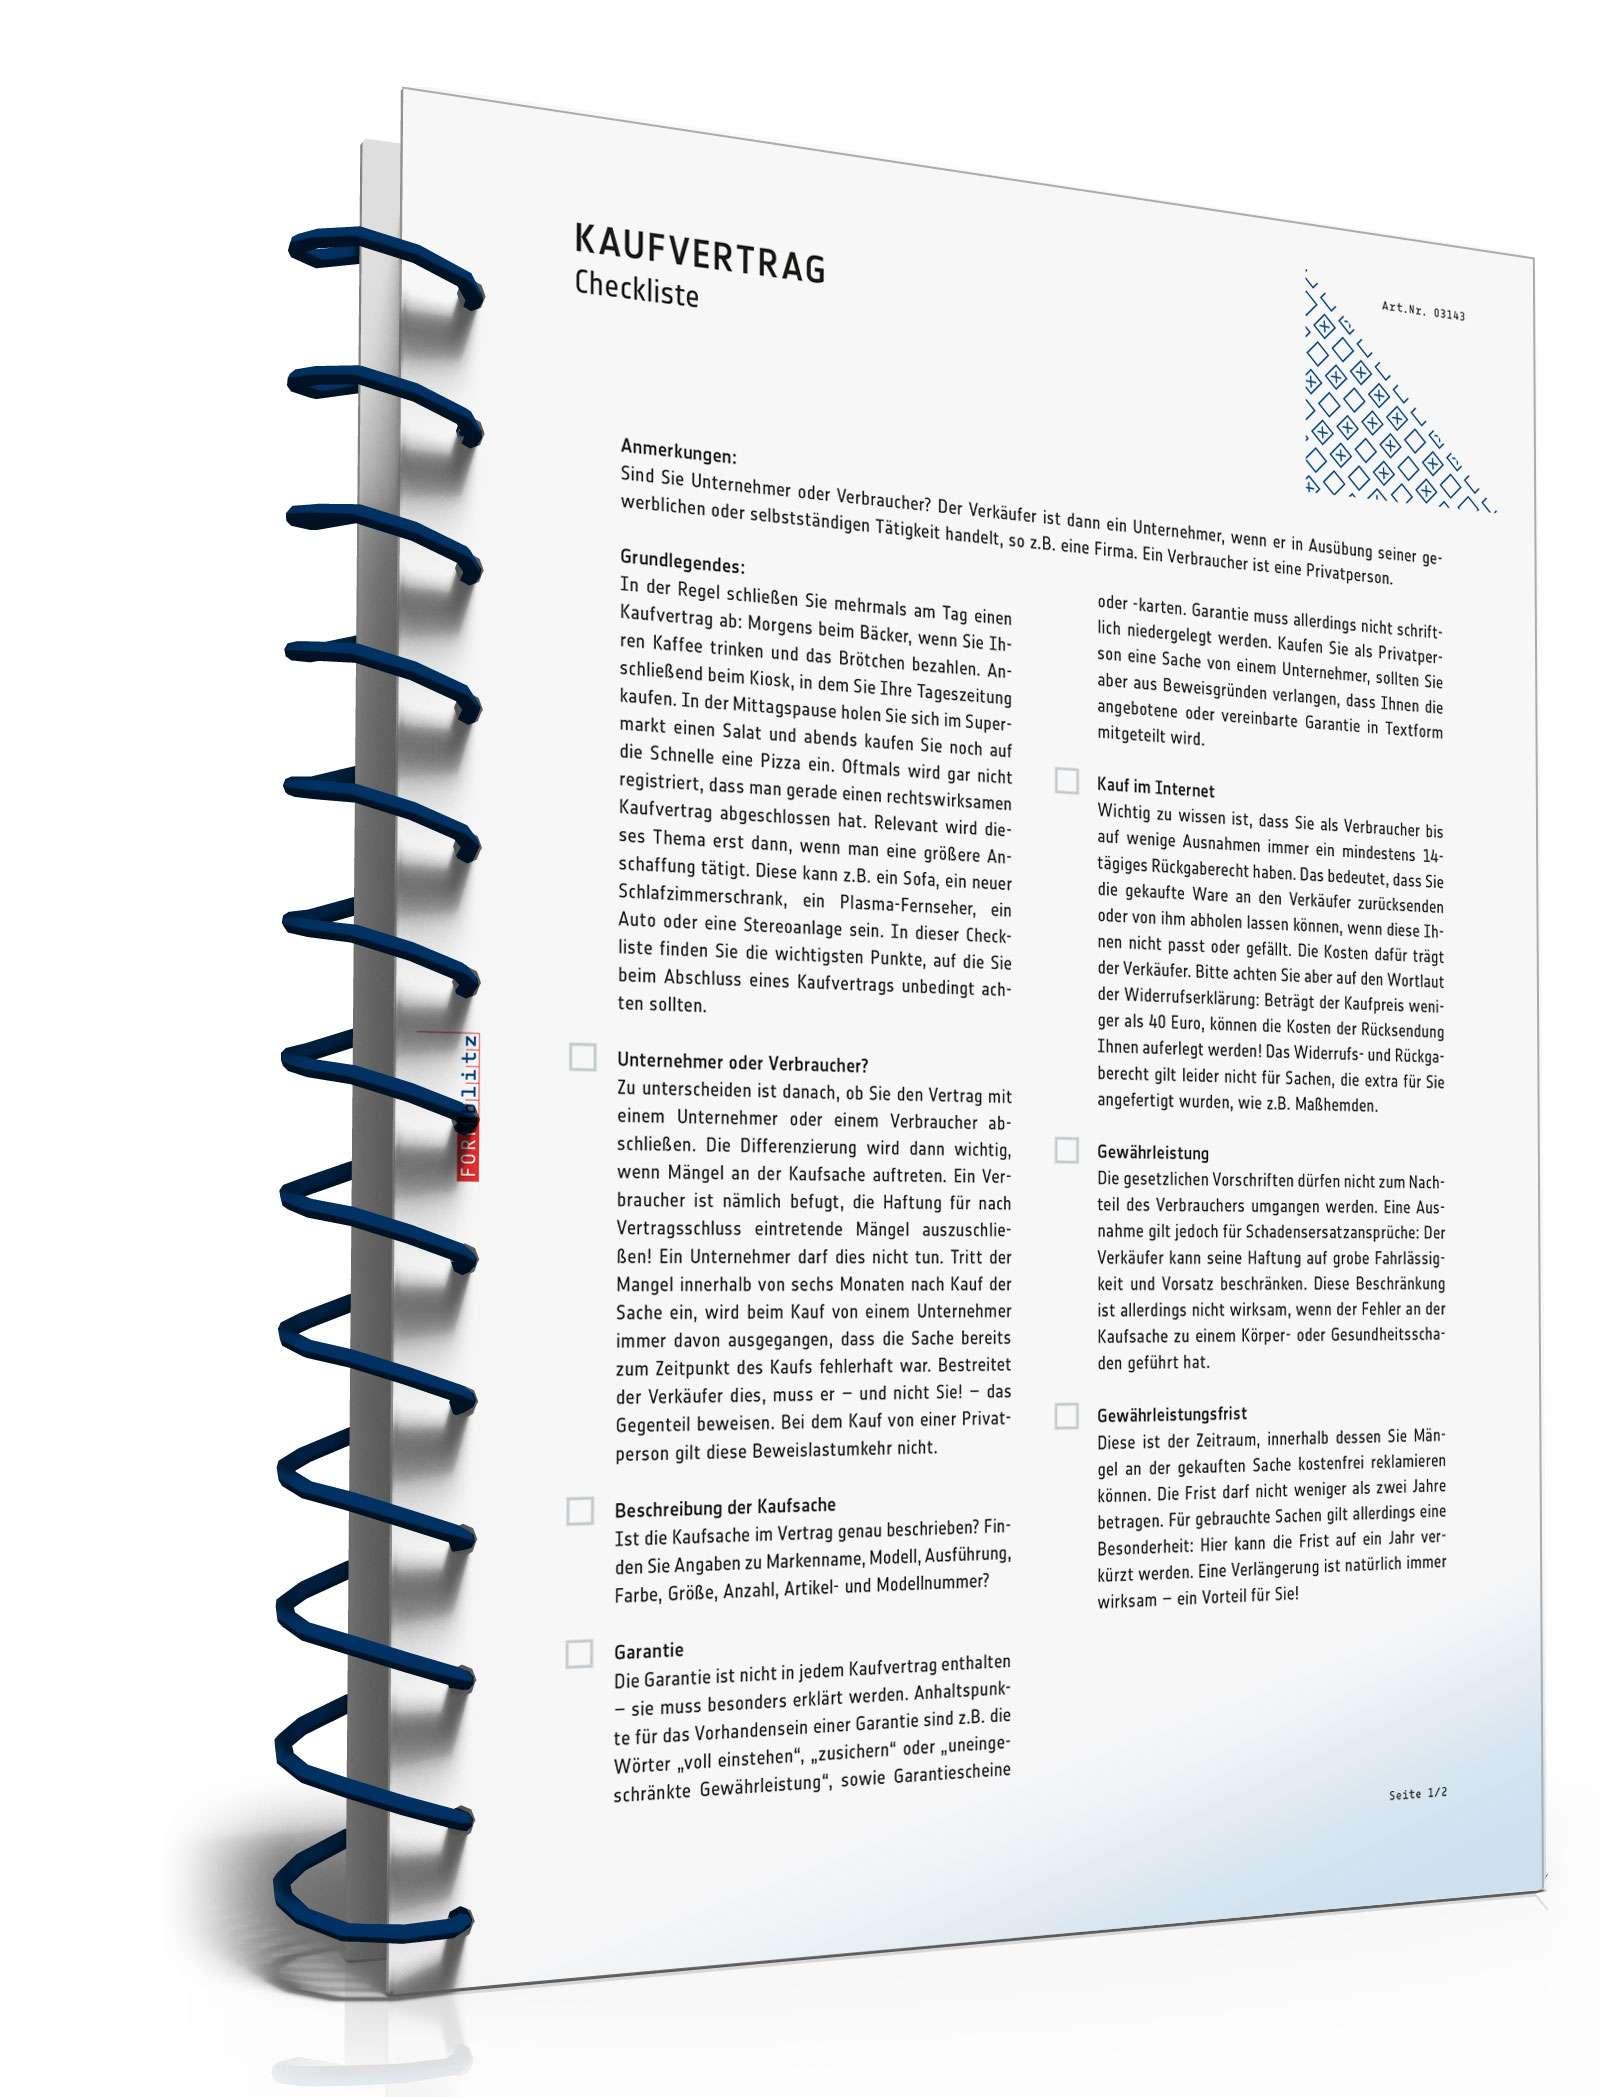 Checkliste Kaufvertrag Checkliste Zum Download